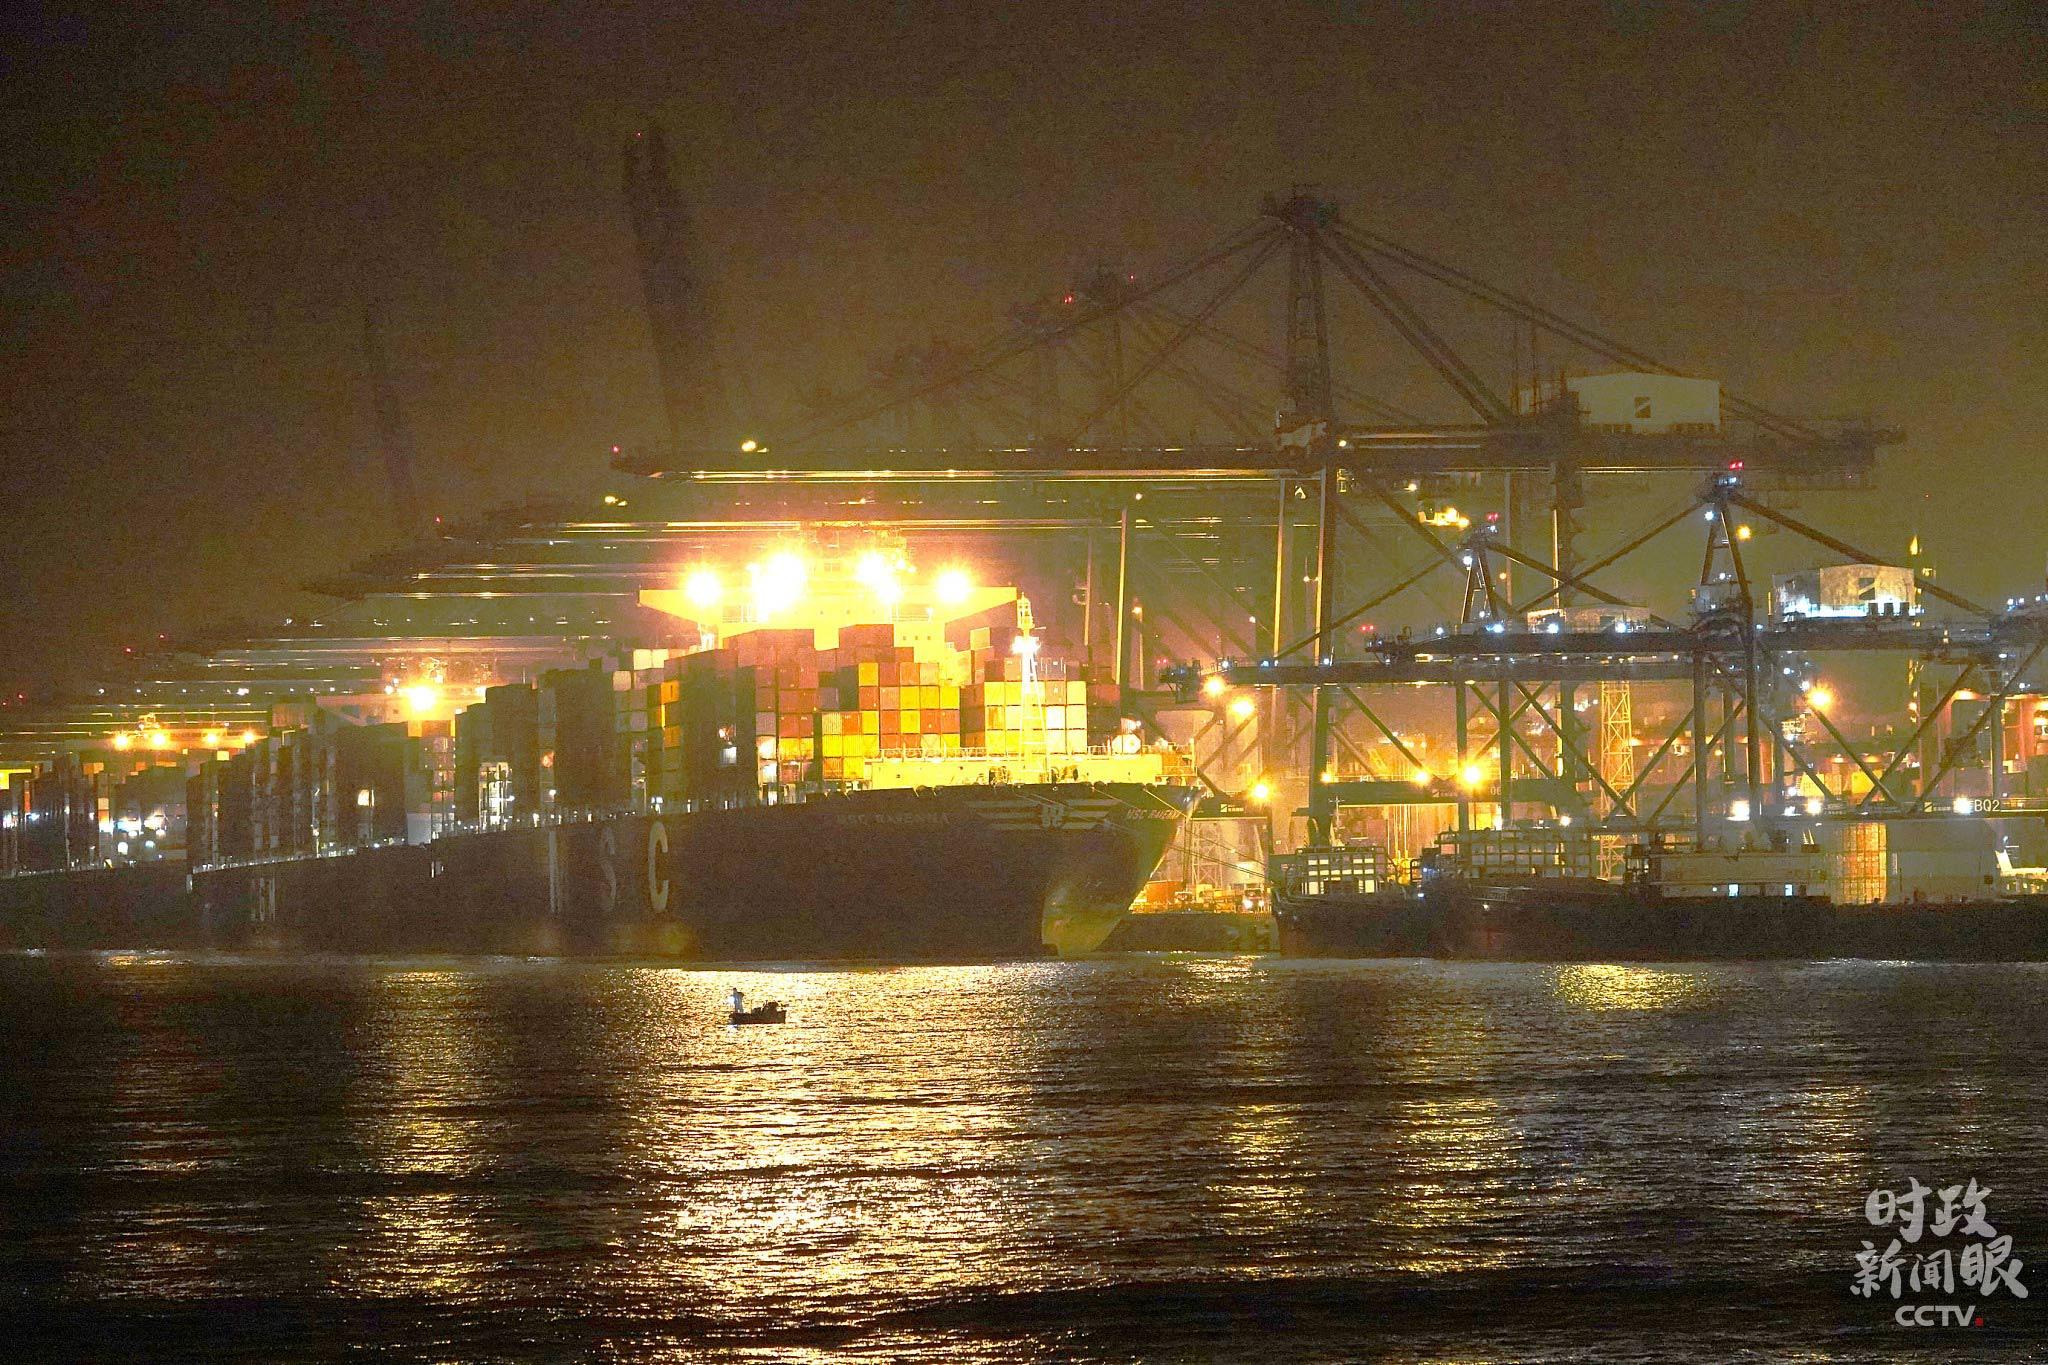 △1月6日晚,深圳盐田港灯火通明。2020年9月,盐田港单月吞吐量超146万标箱,刷新全球单一码头单月吞吐量纪录。